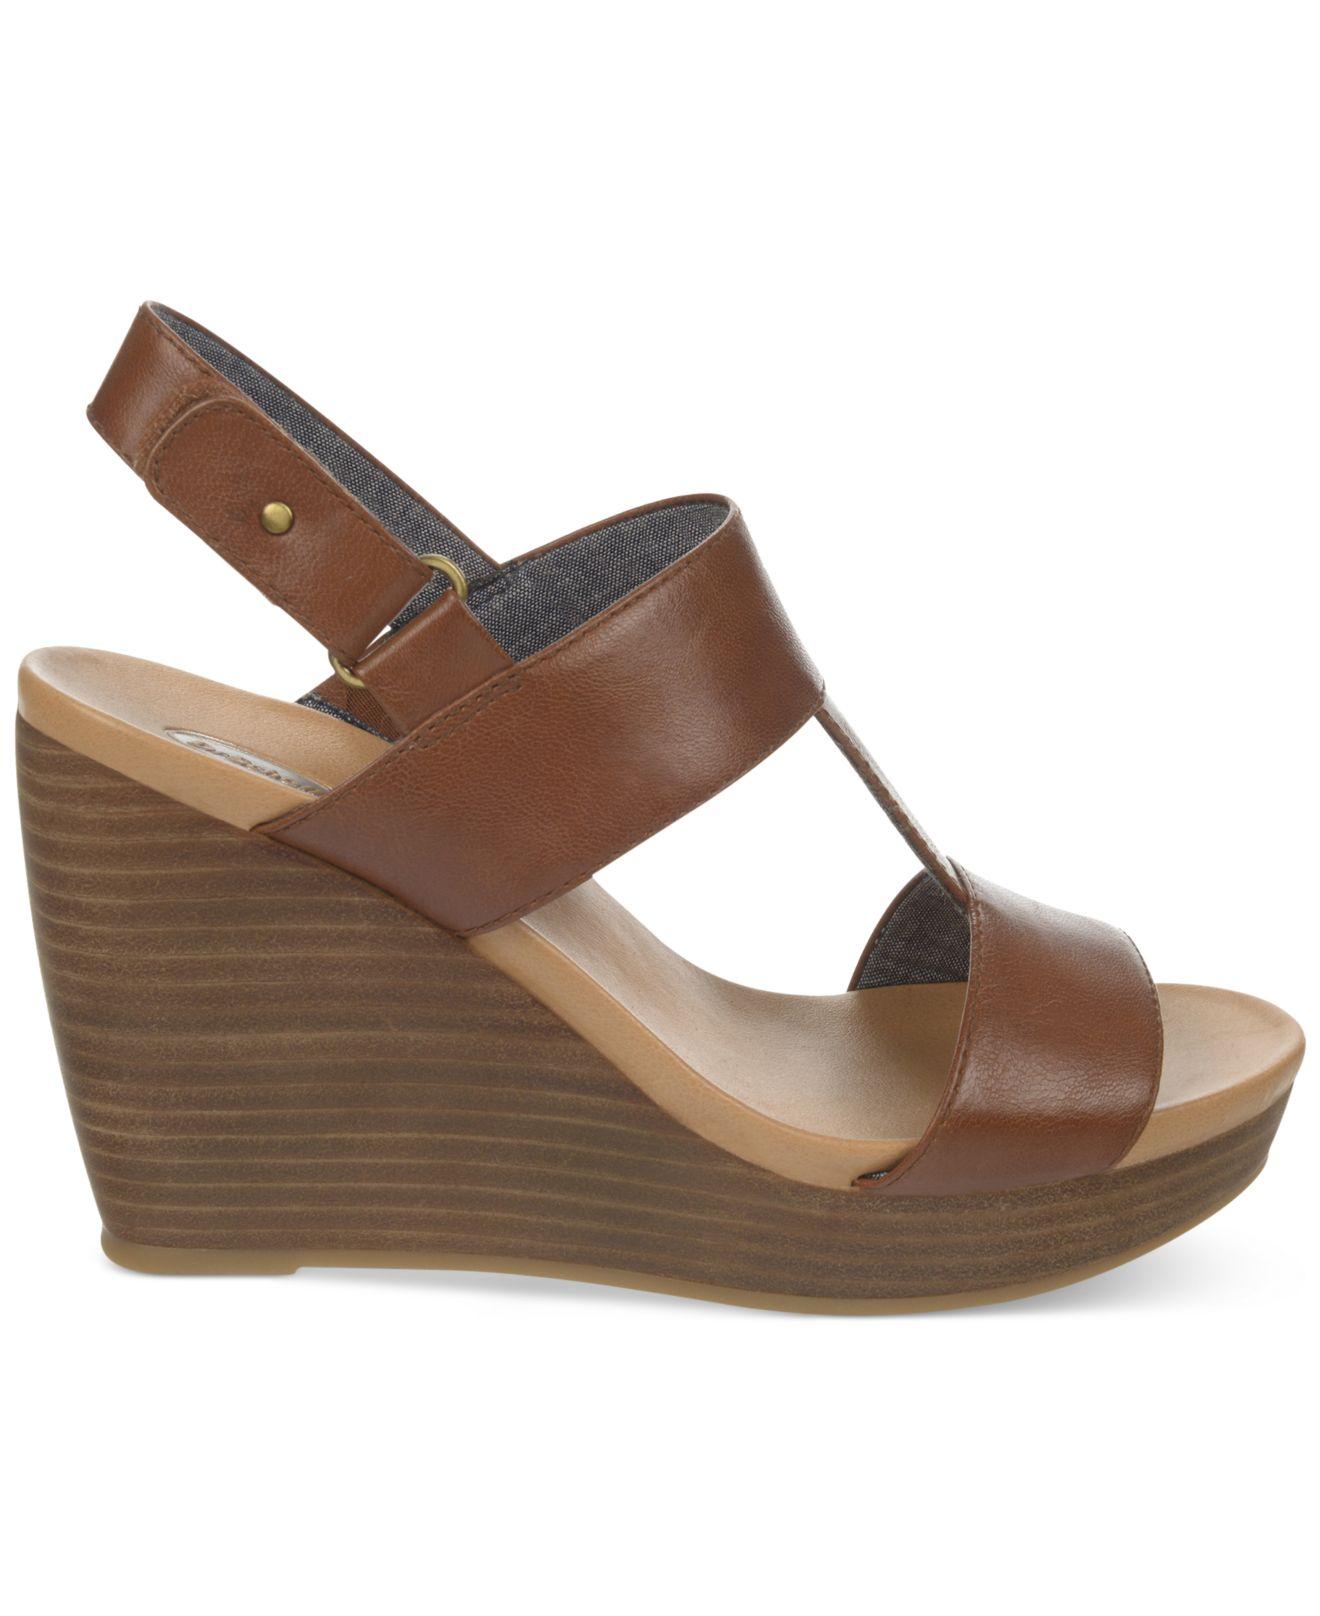 1c5b4f1df1b4 Lyst - Dr. Scholls Mica Platform Wedge Sandals in Brown